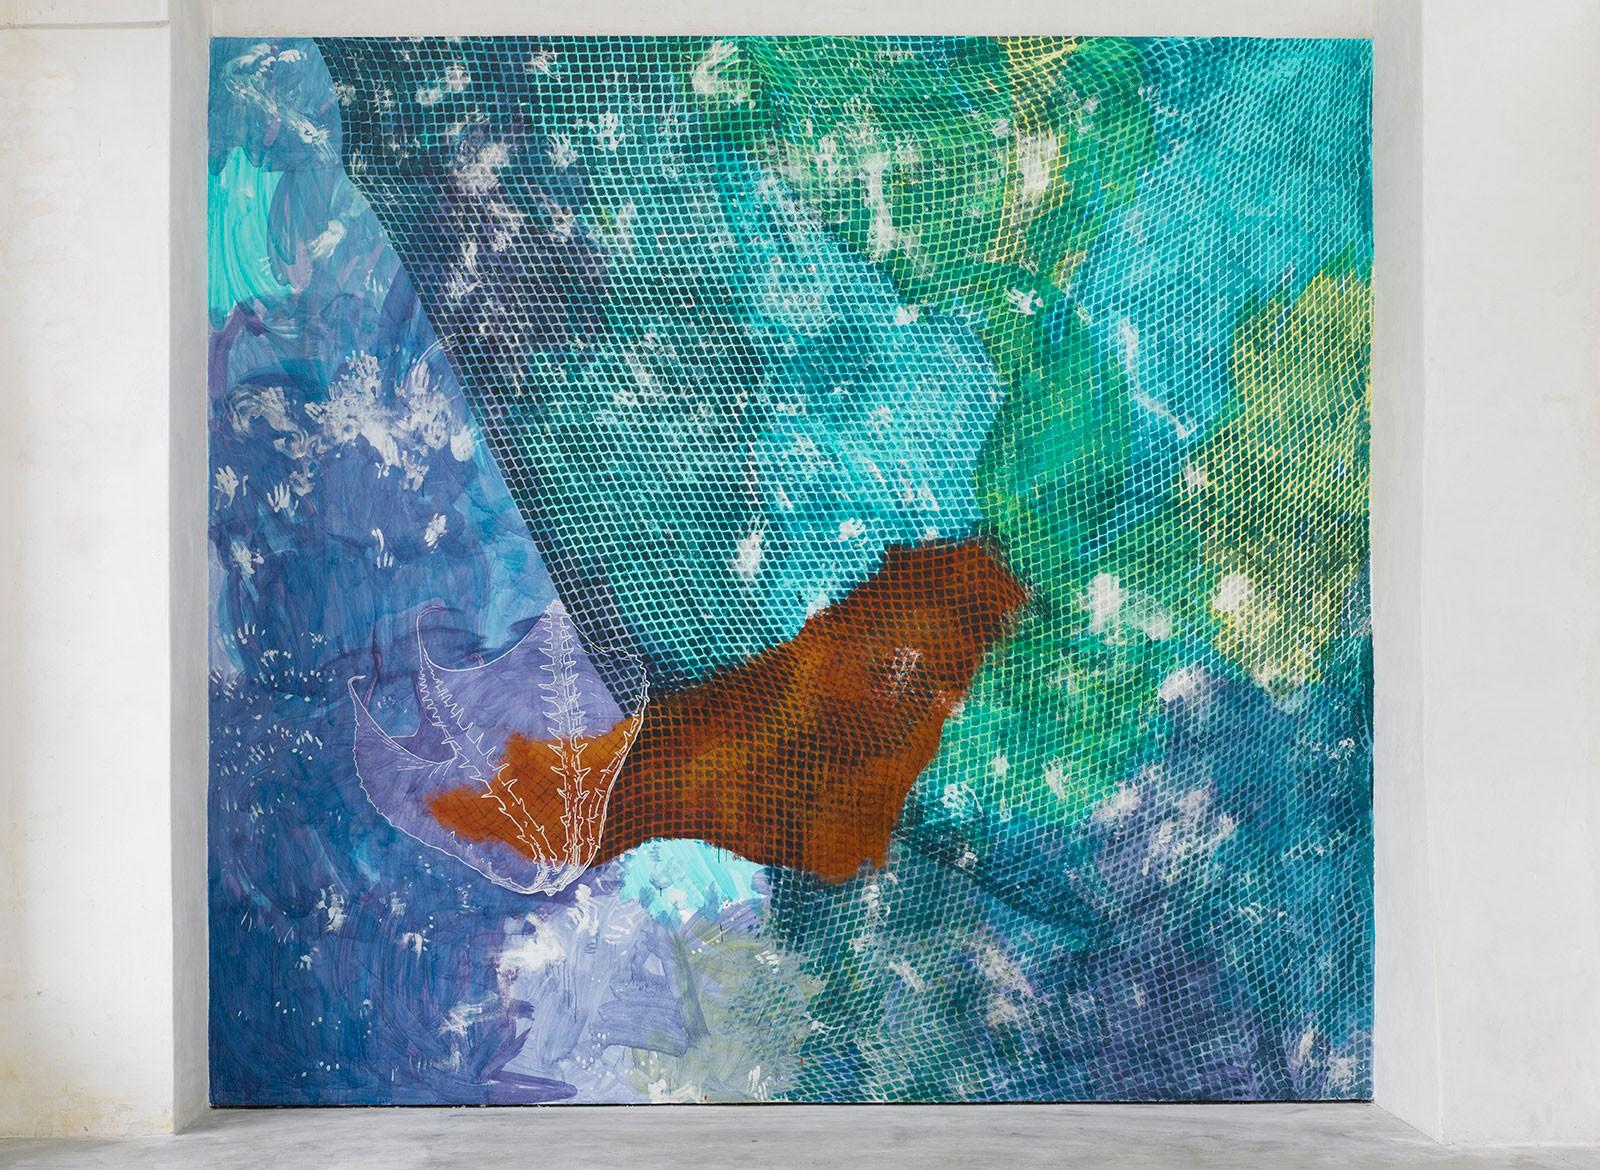 Kim Nekarda: Kein Mensch ist eine Insel, 2012, Wall Painting, Von einem Rätsel zum andern, Kunstverein Lingen Kunsthalle, 500 x 500 cm